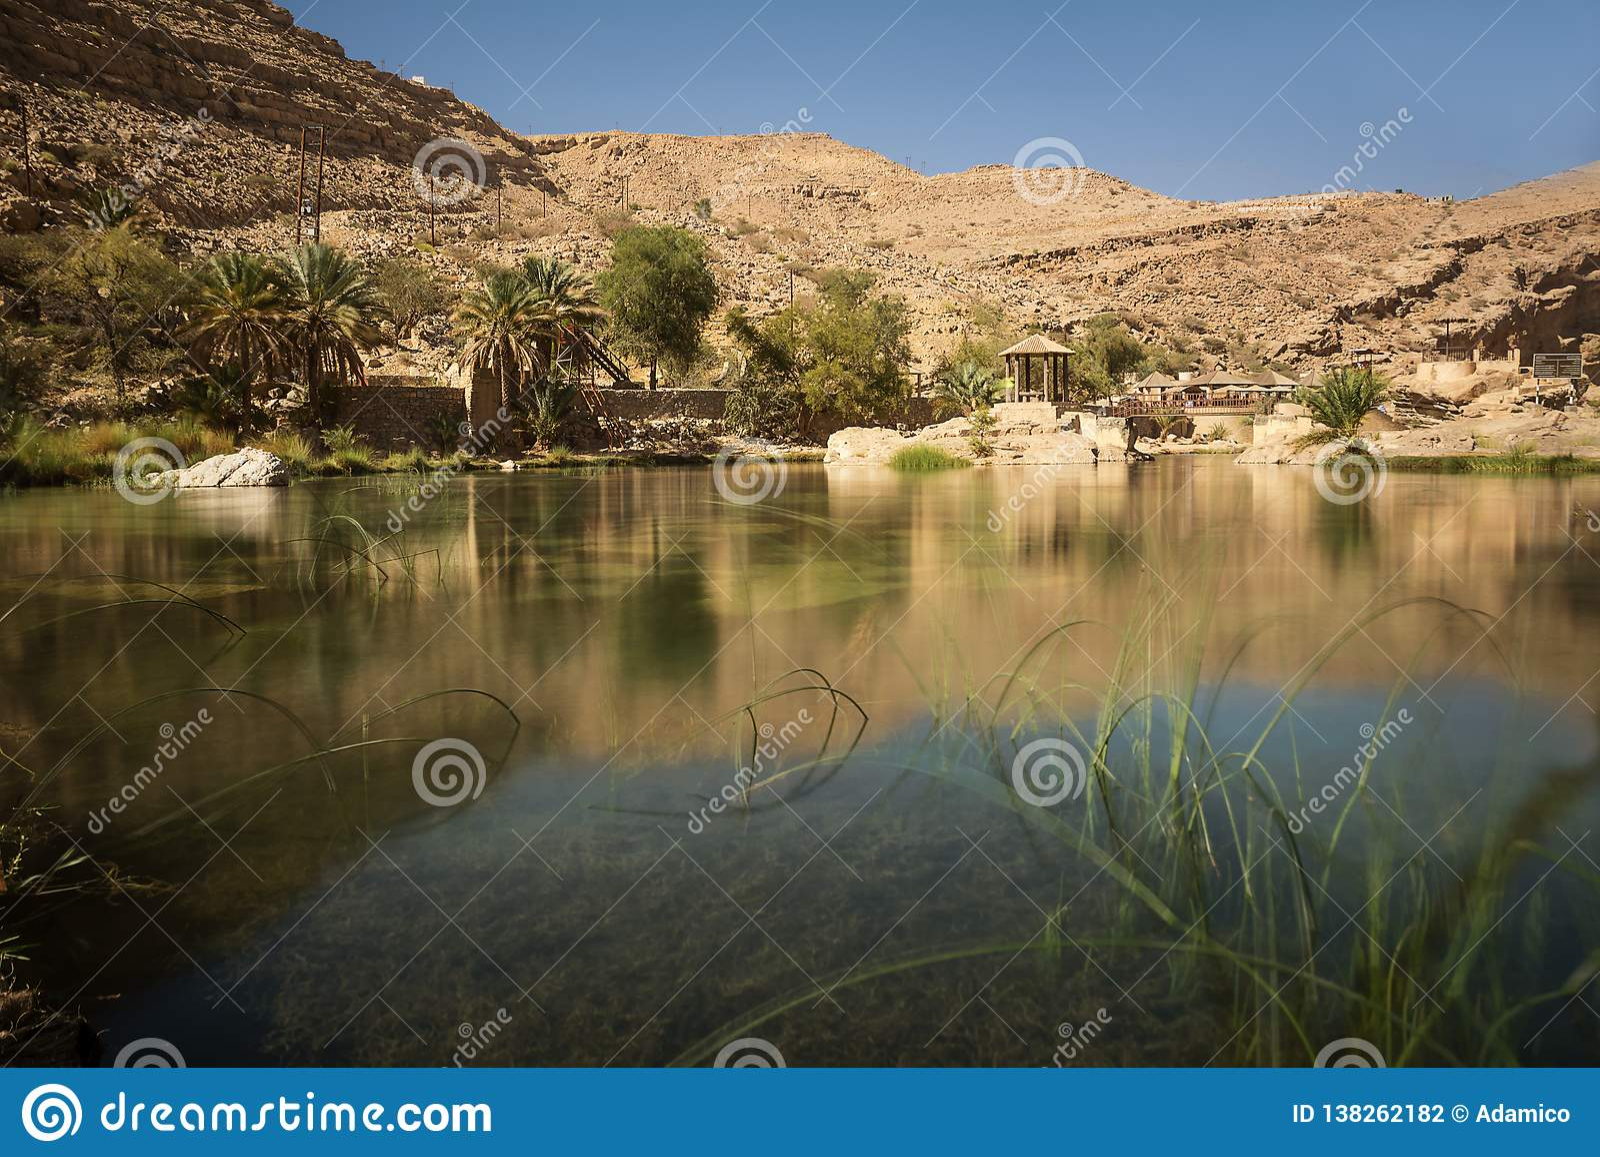 Lac et oasis stupéfiants avec des palmiers Wadi Bani Khalid dans le désert omanais